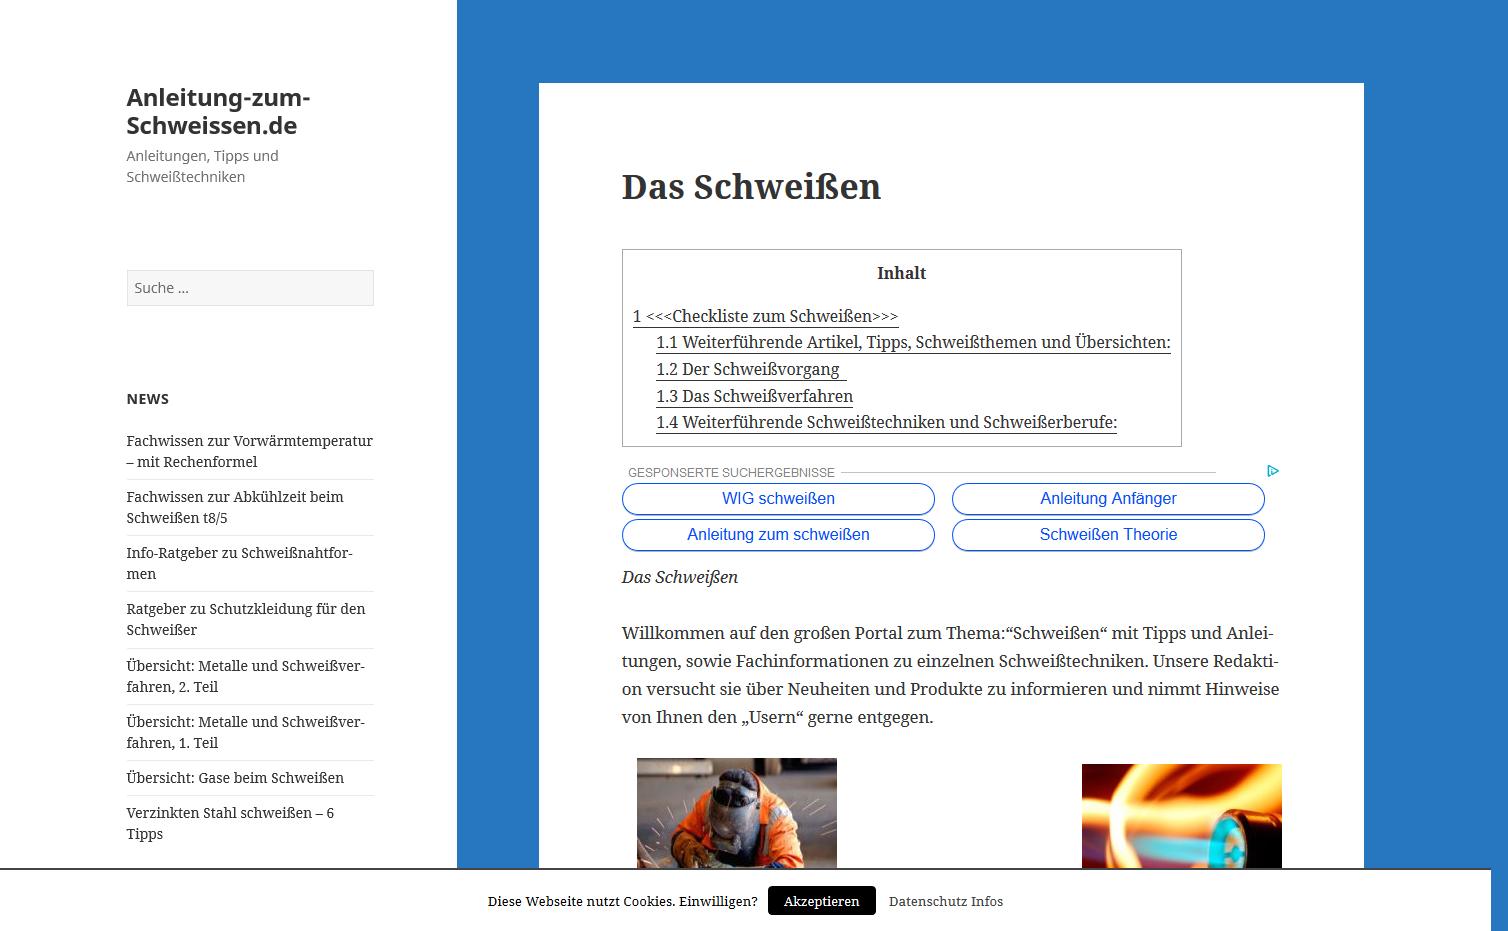 Anleitung zum Schweißen Website